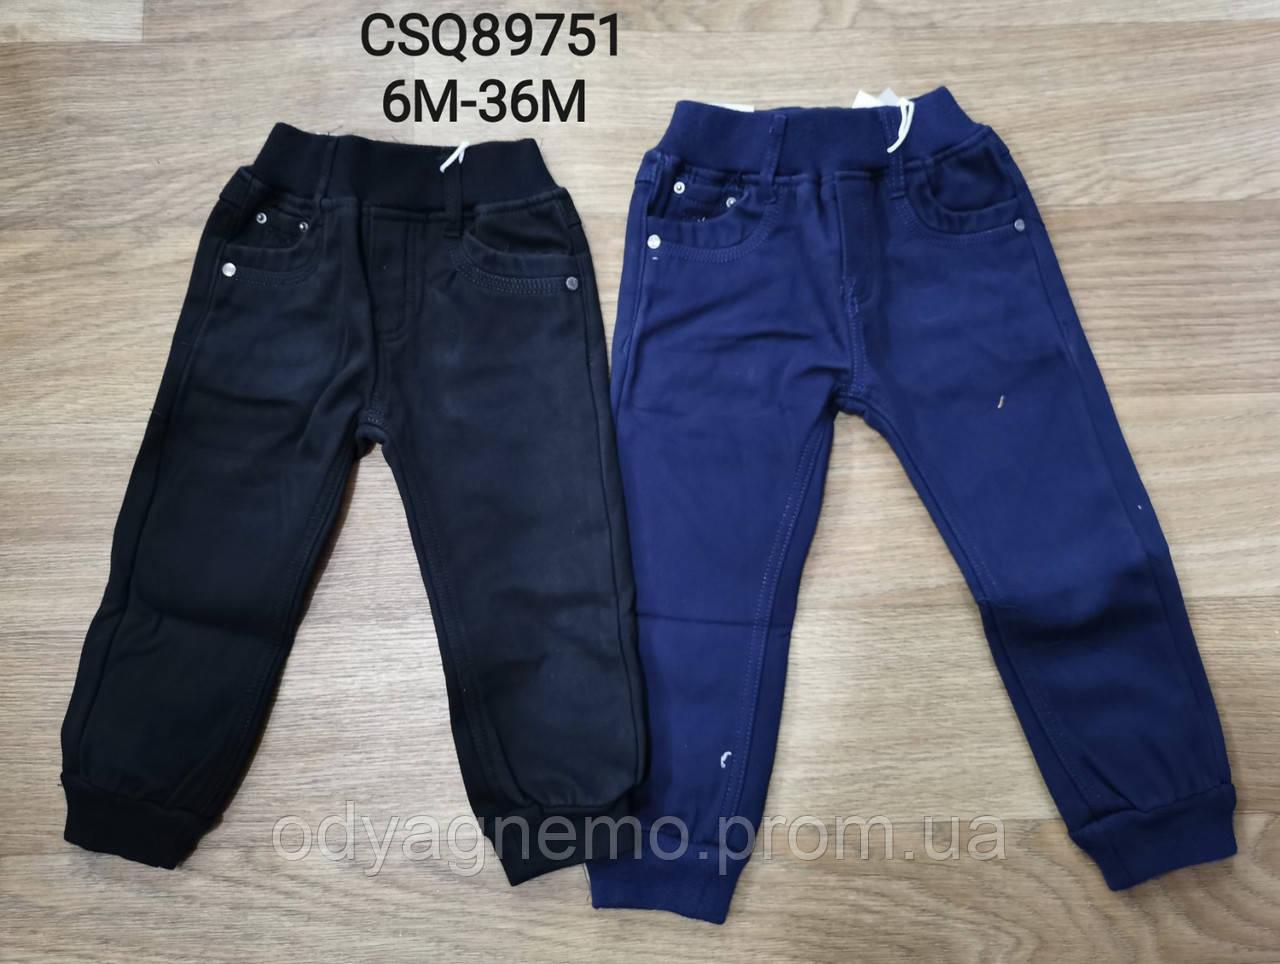 Котоновые брюки утепленные для мальчиков Seagull , 6-36 мес. Артикул: CSQ89751